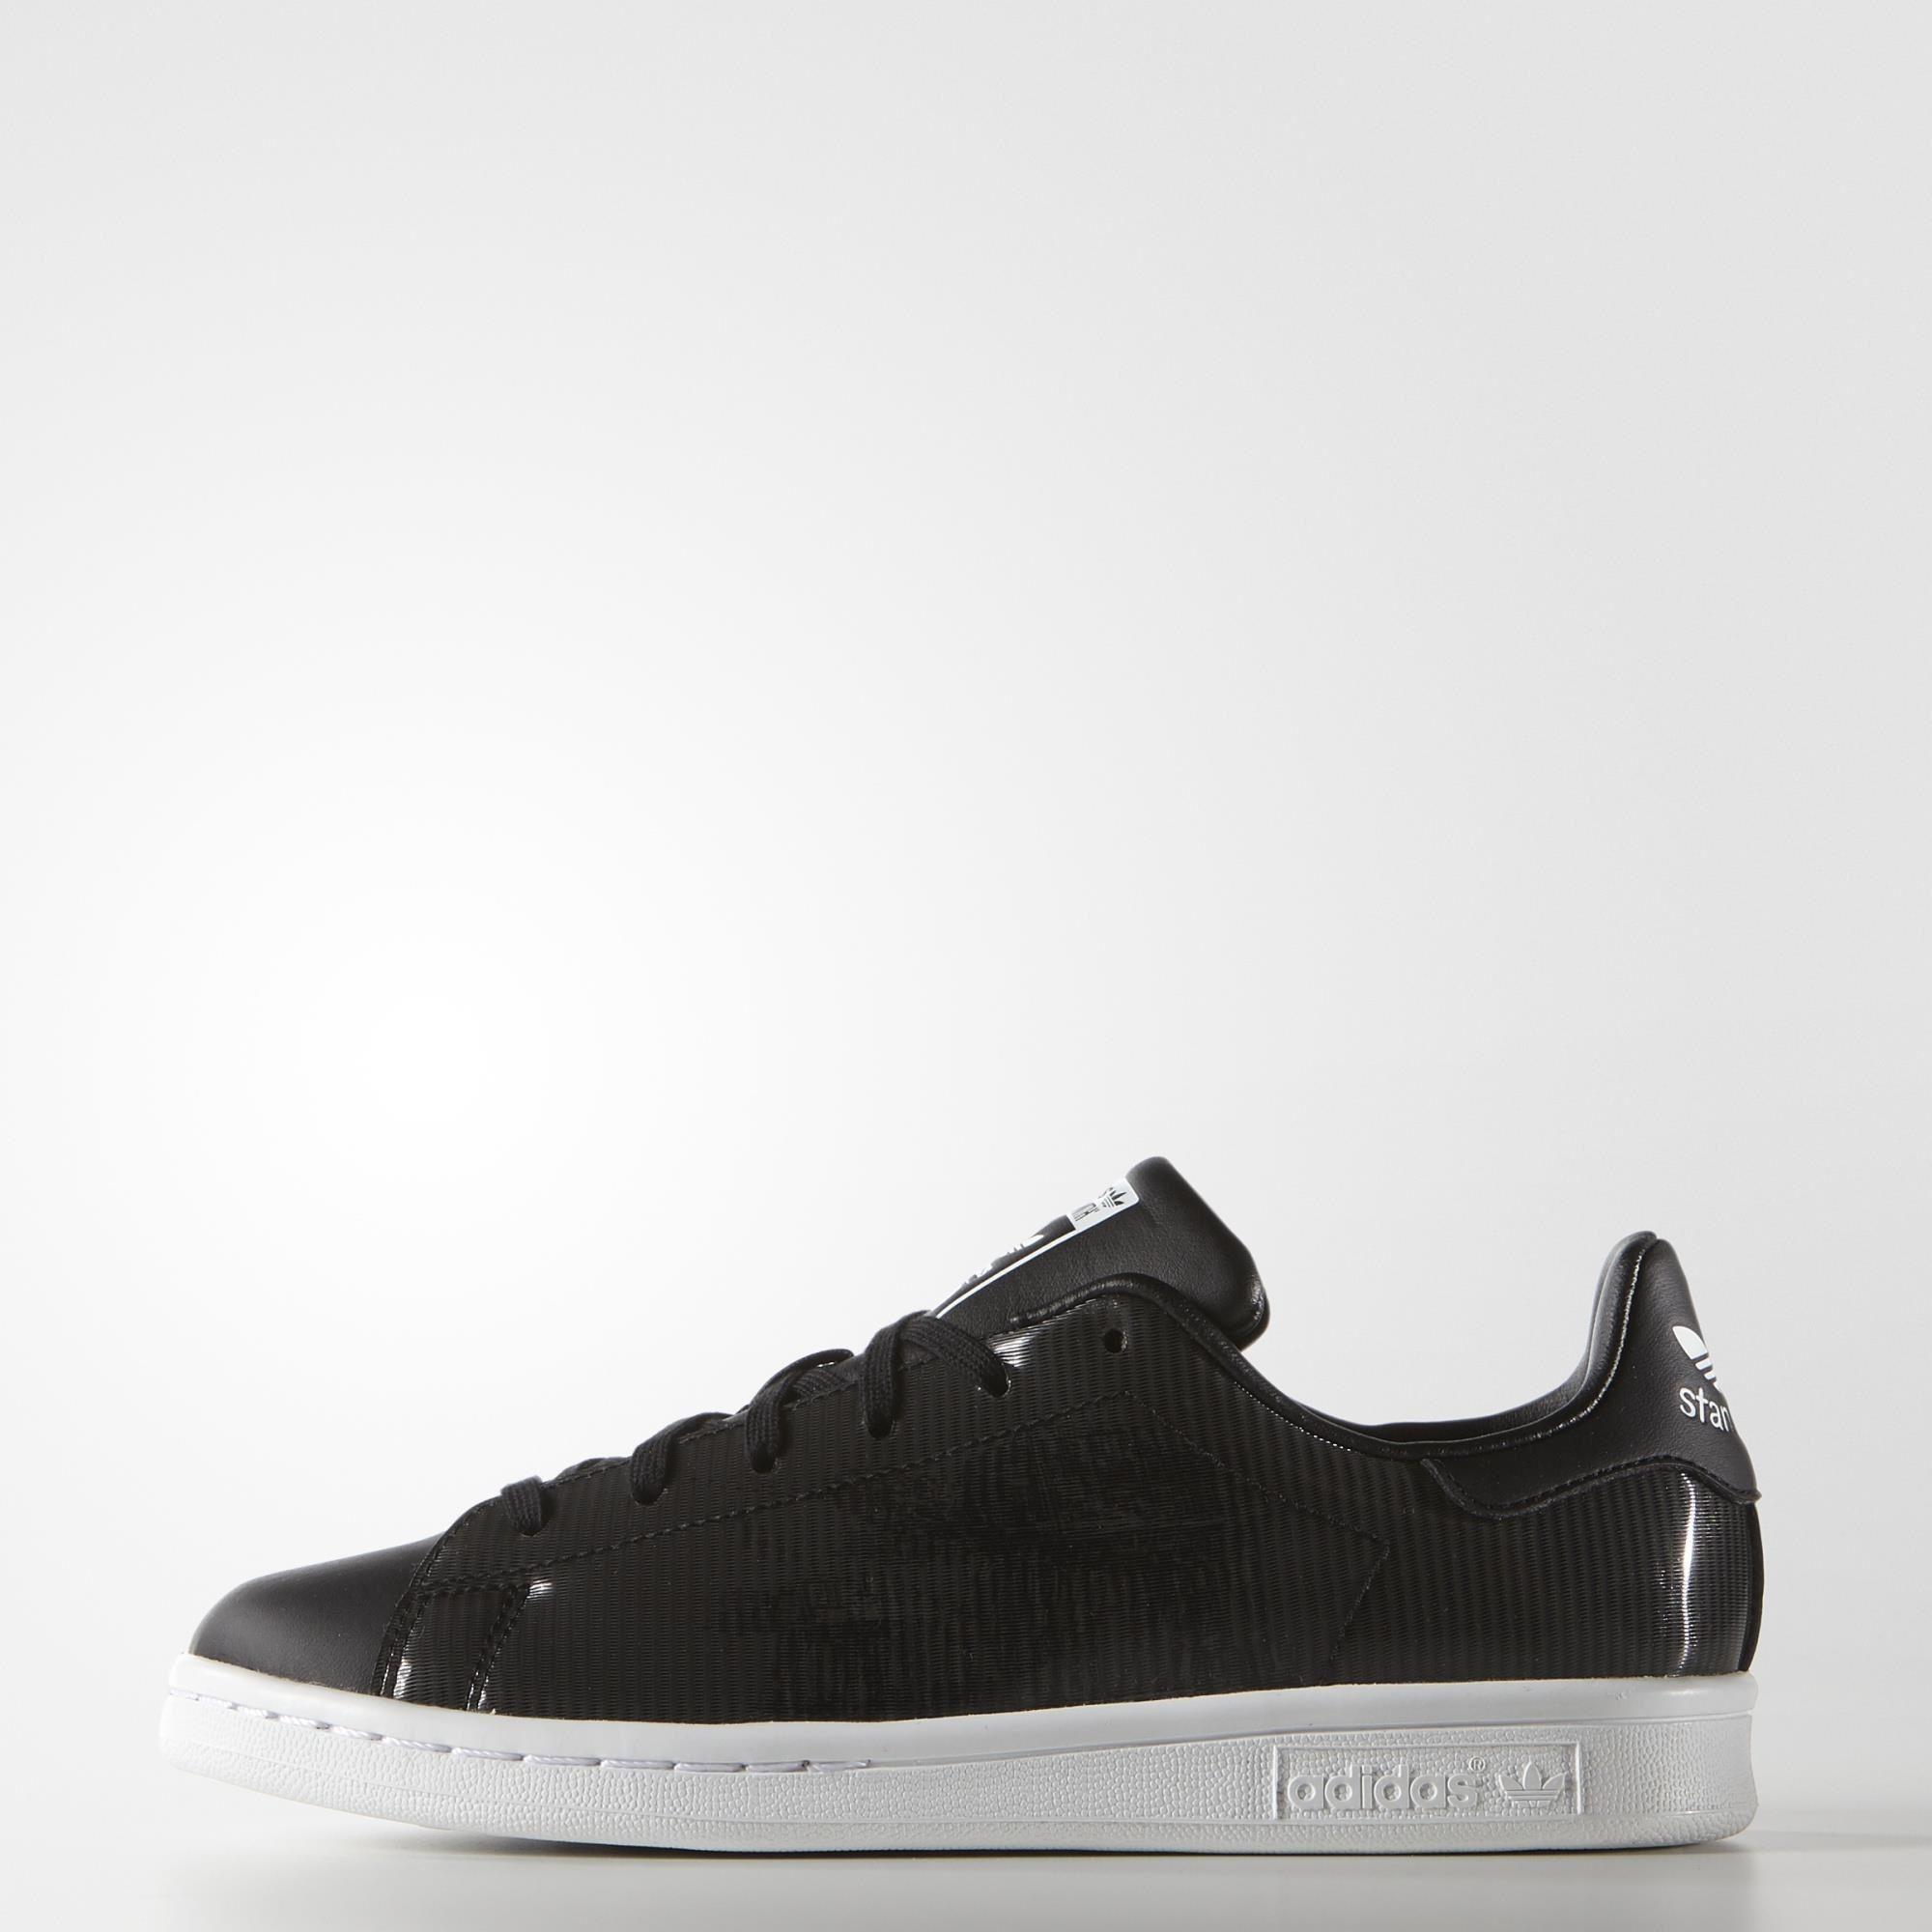 adidas STAN SMITH AT AT J | Chaussure